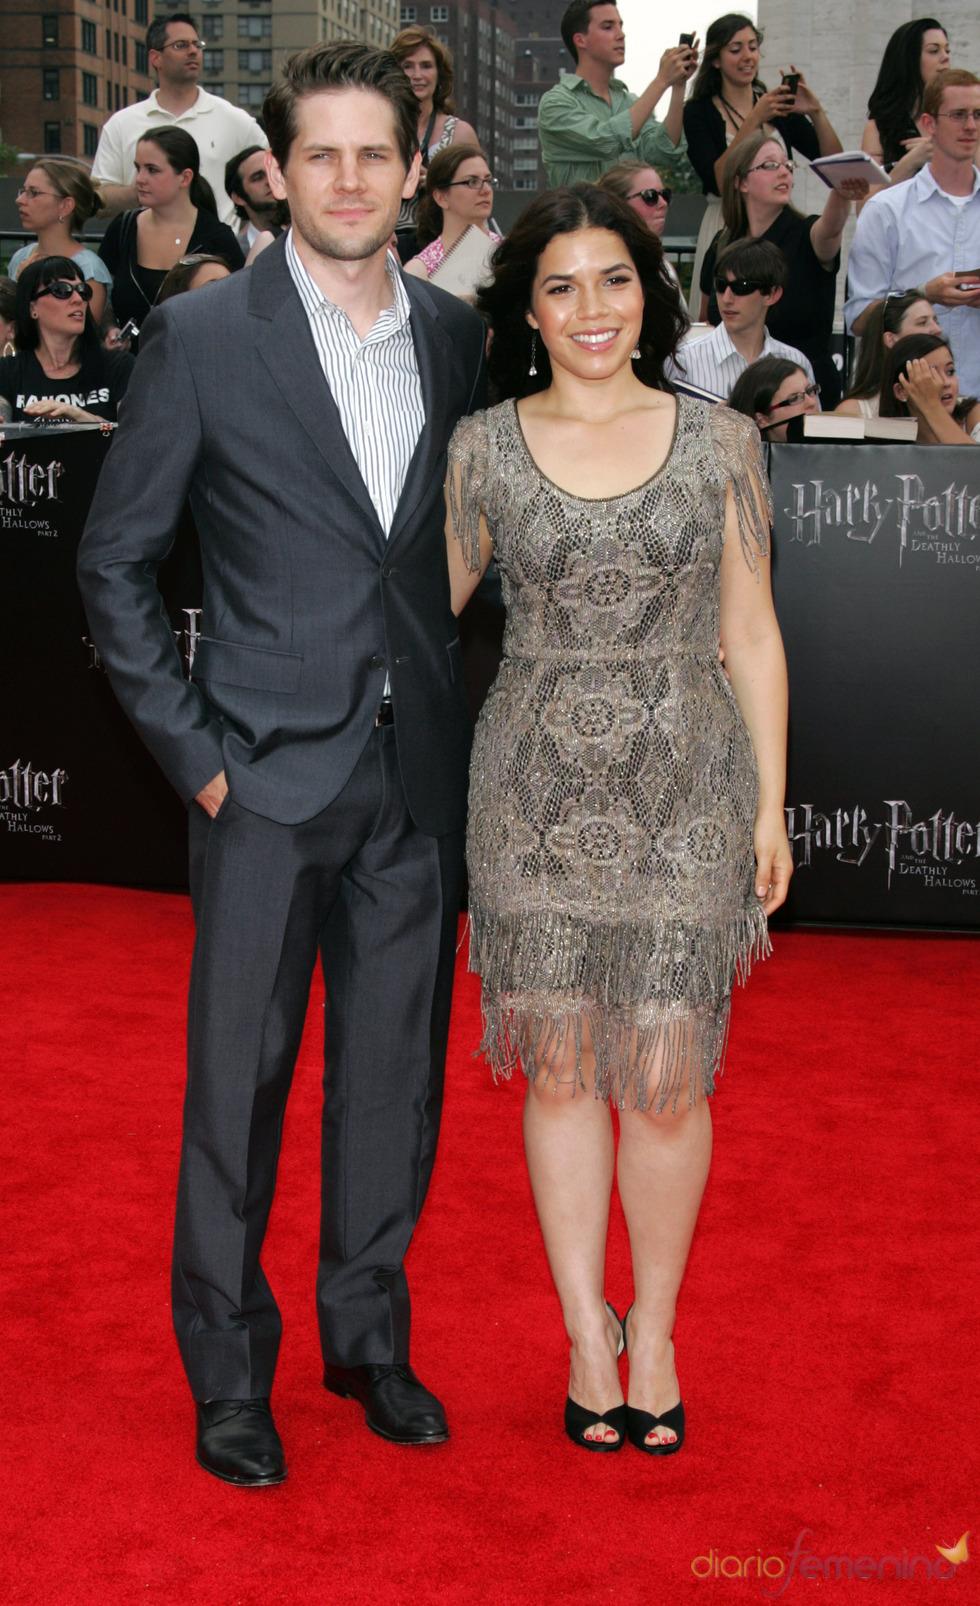 America Ferrera y Ryan Piers Williams en el estreno de 'Harry Potter y las reliquias de la muerte. Parte 2' en Nueva York